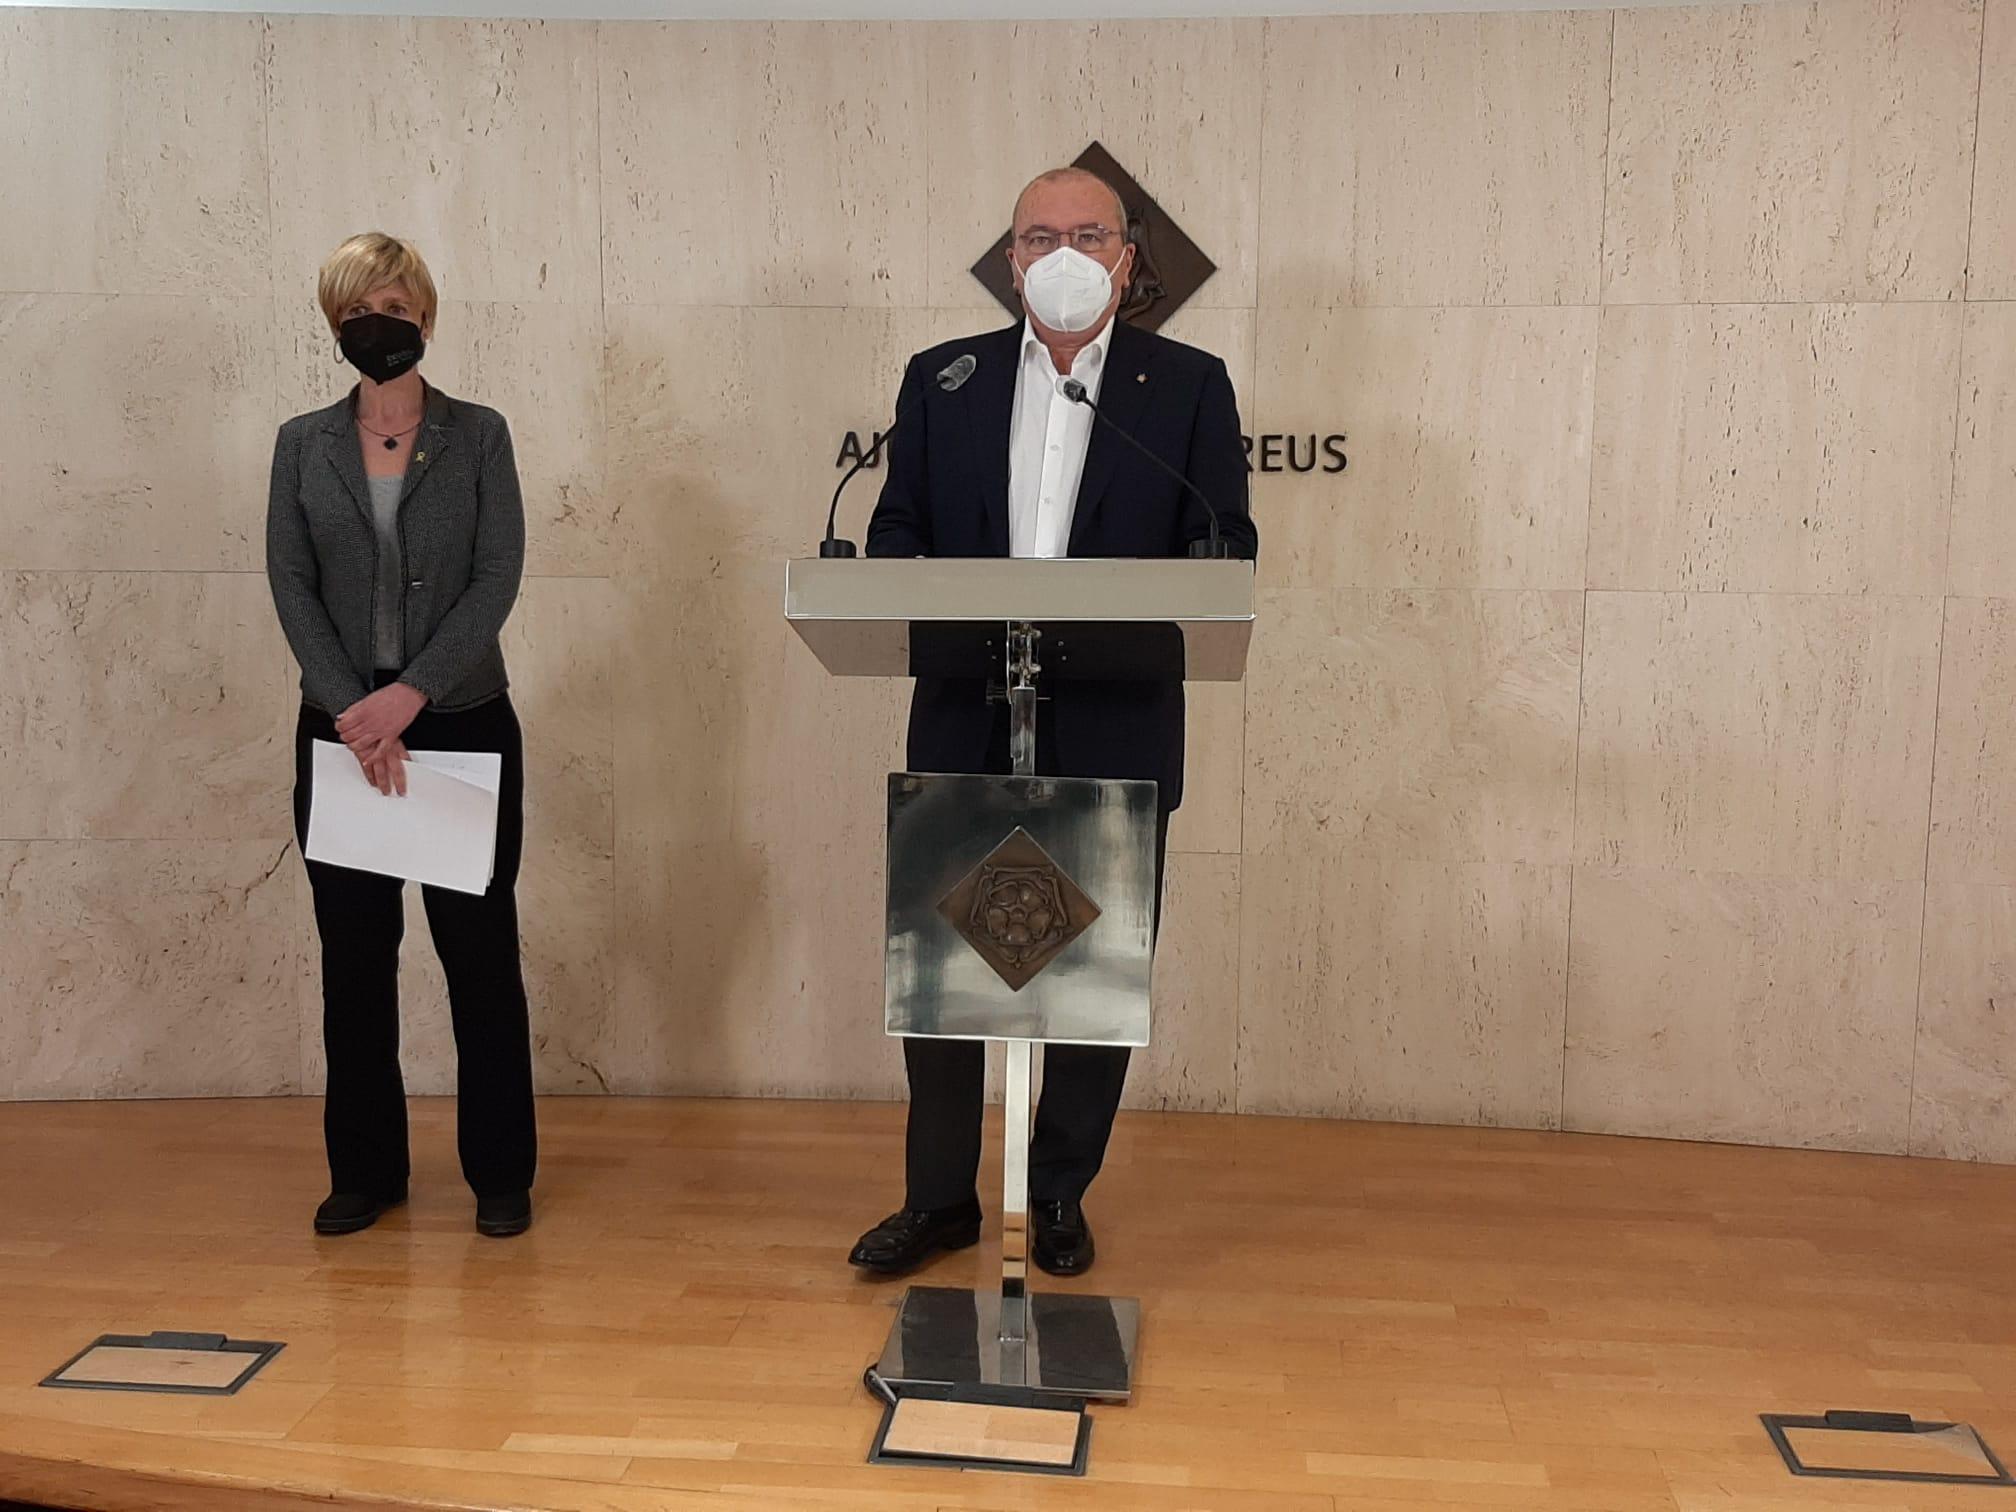 La Cimera per a la Reactivació Econòmica i Social de Reus ha tingut lloc aquest dilluns, 22 de febrer, presidida per l'alcalde de Reus, C...